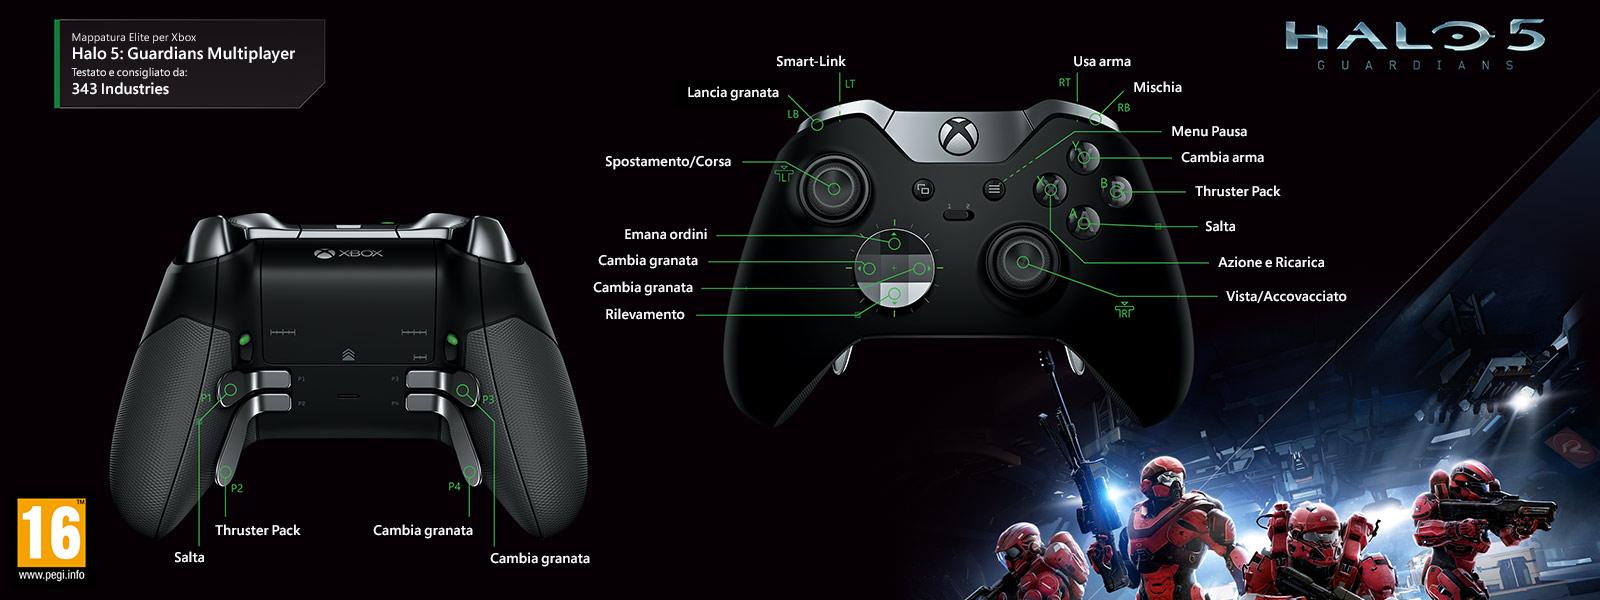 Halo 5: Guardians - Mappatura Elite per il Multiplayer